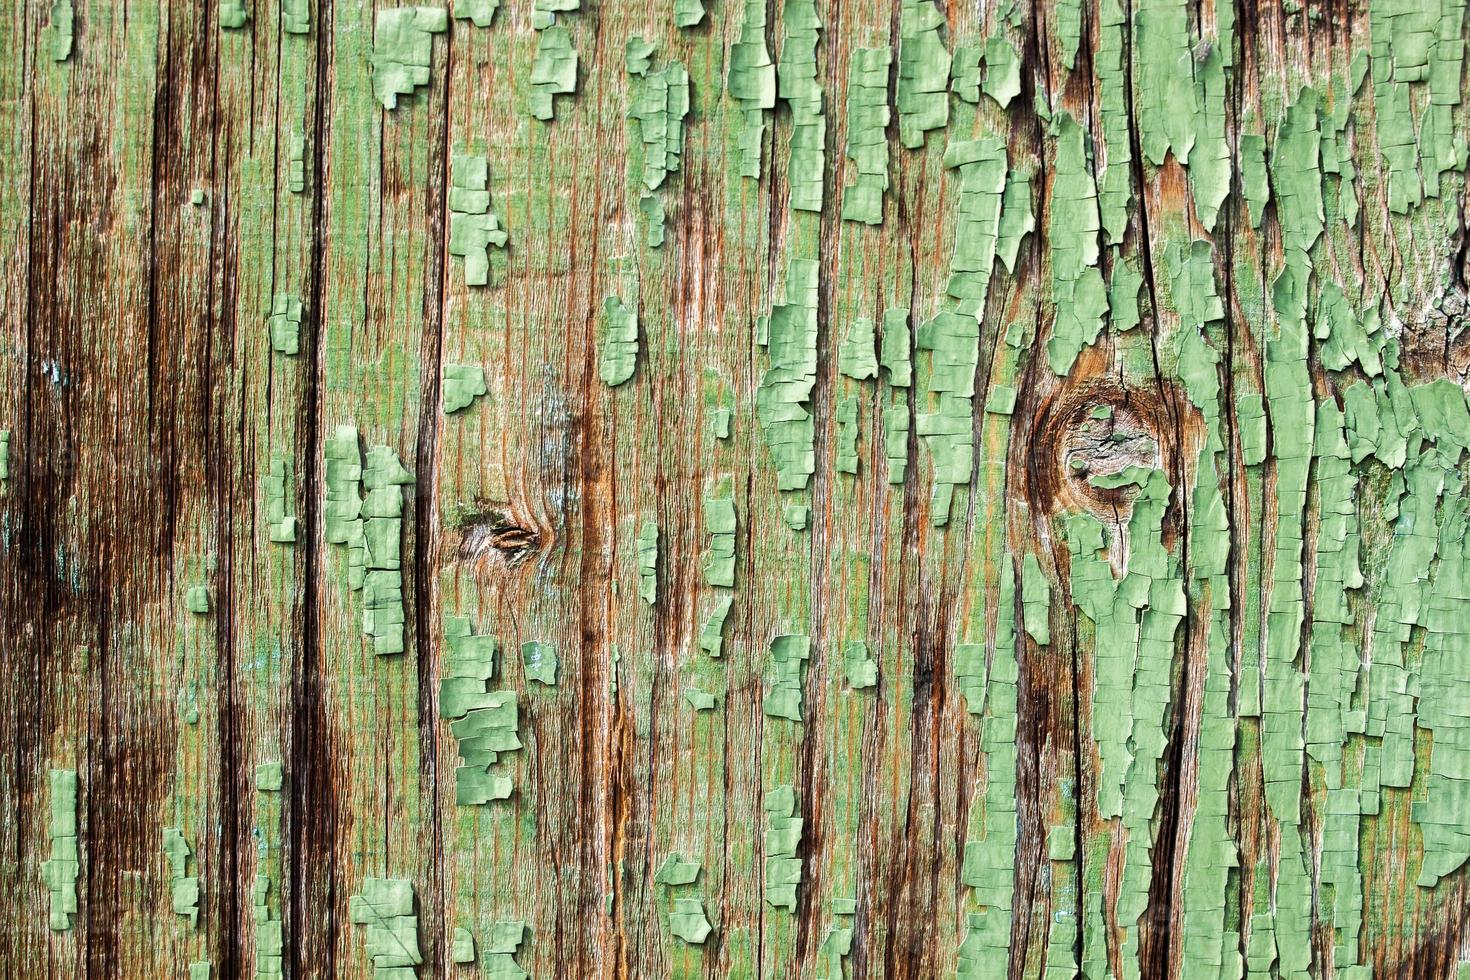 vecchia porta di legno con vernice incrinata verde. foto